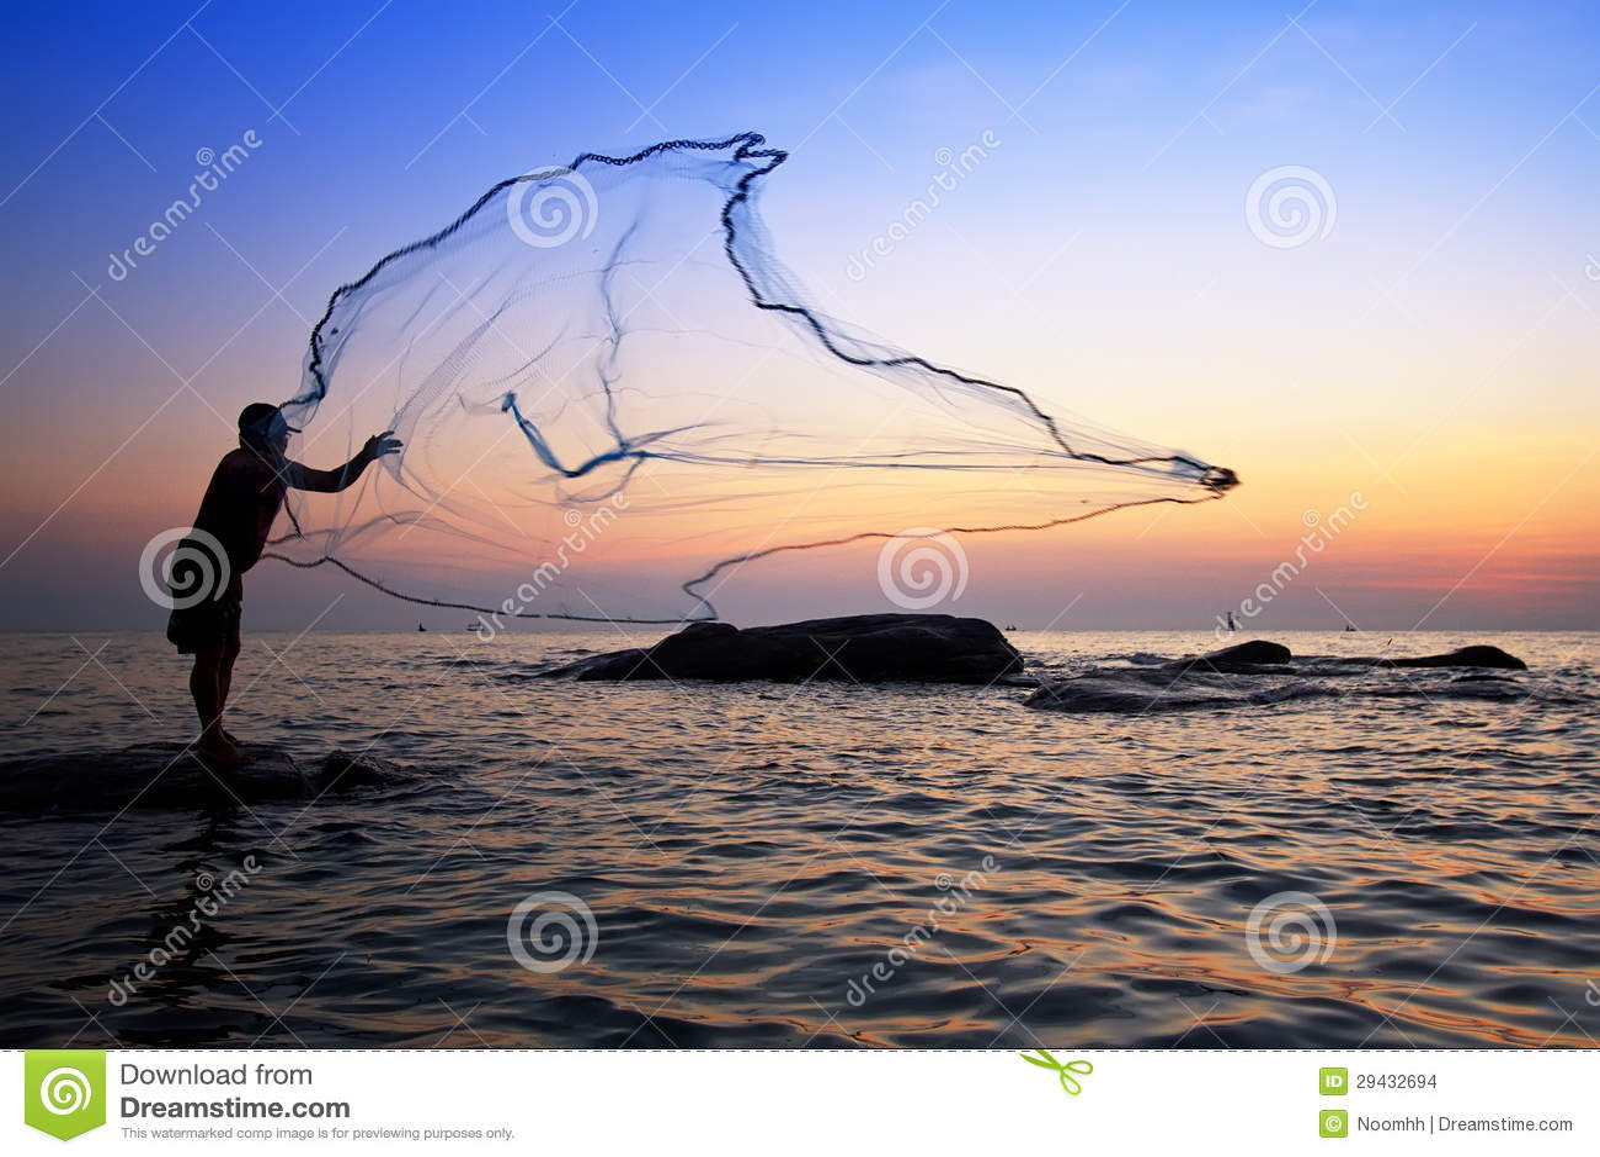 Rete da pesca di lancio immagini stock immagine 29432694 for Rete da pesca arredamento